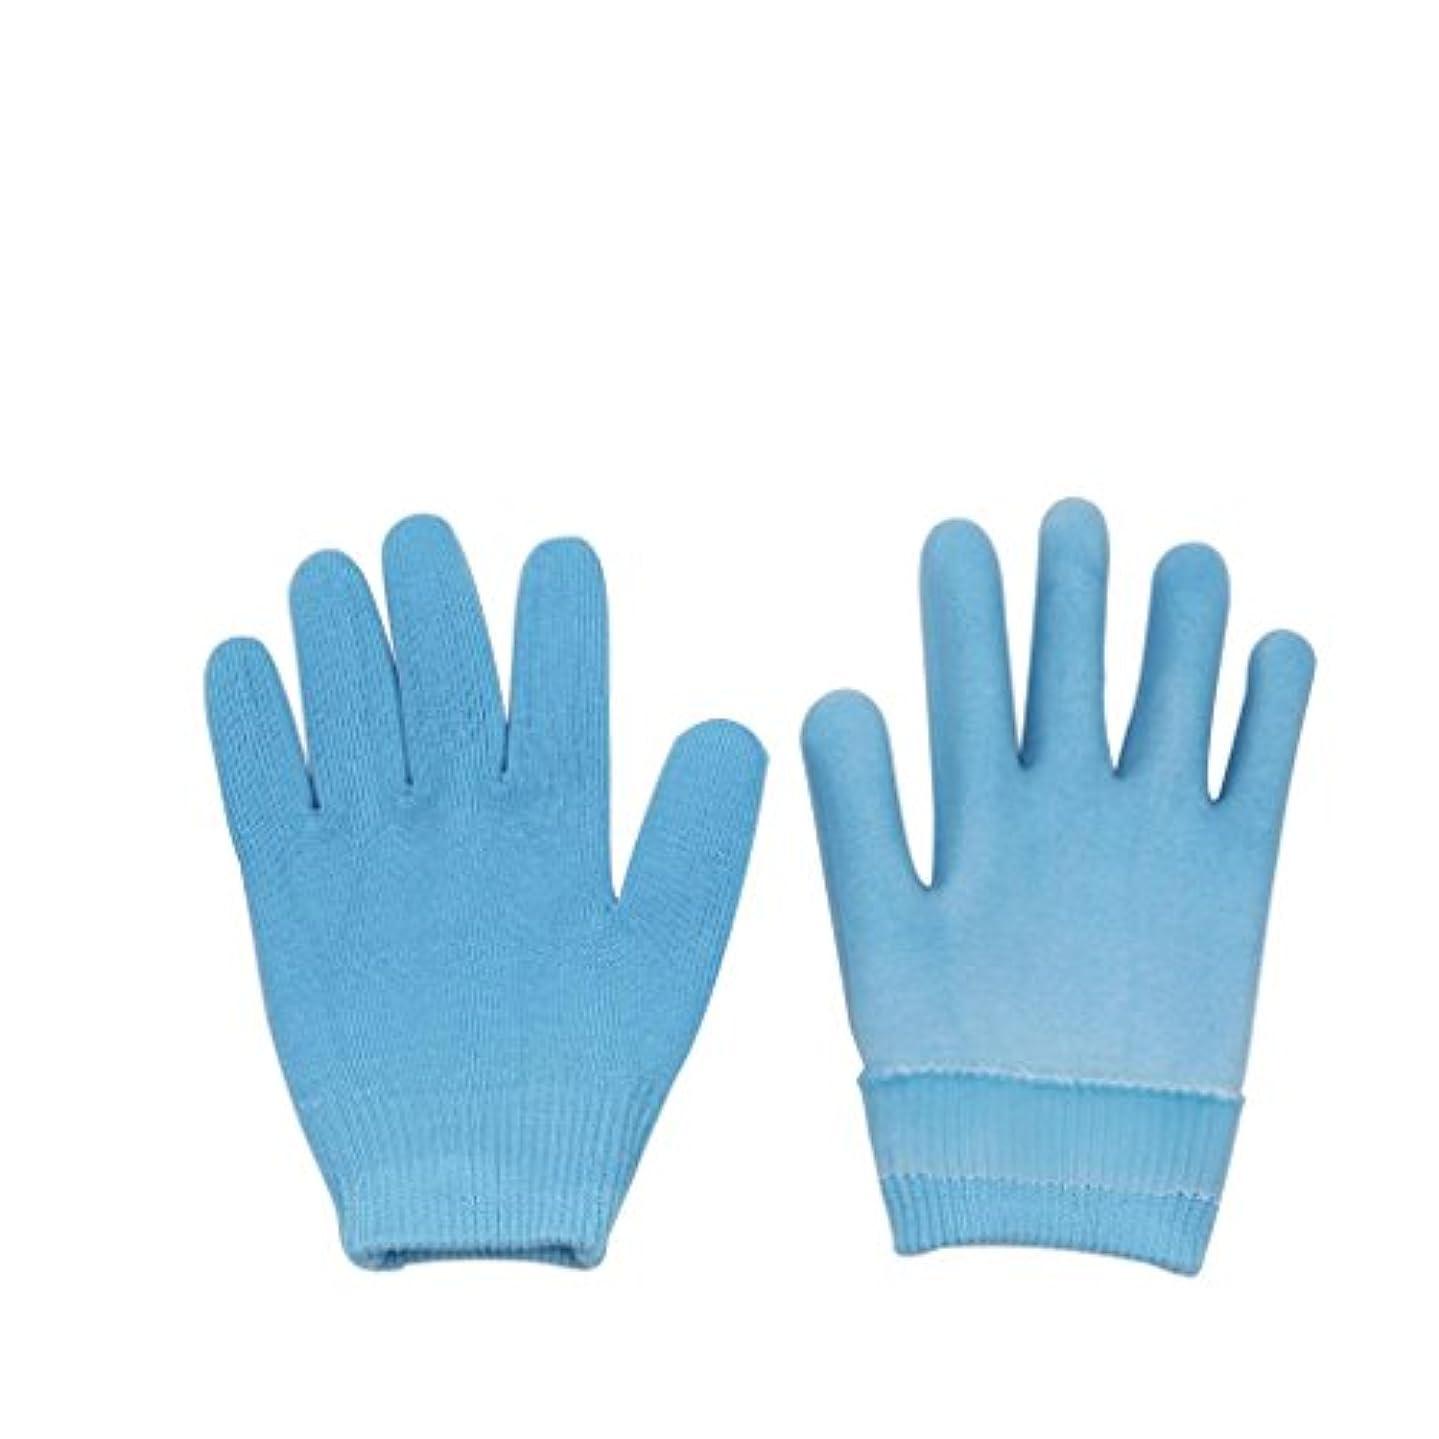 ボア配当ディレクトリLovoski 保湿手袋 おやすみ手袋 手袋 手湿疹 乾燥防止 手荒れ 保湿 スキンケア  メンズ レディース 全3色選べ - ブルー